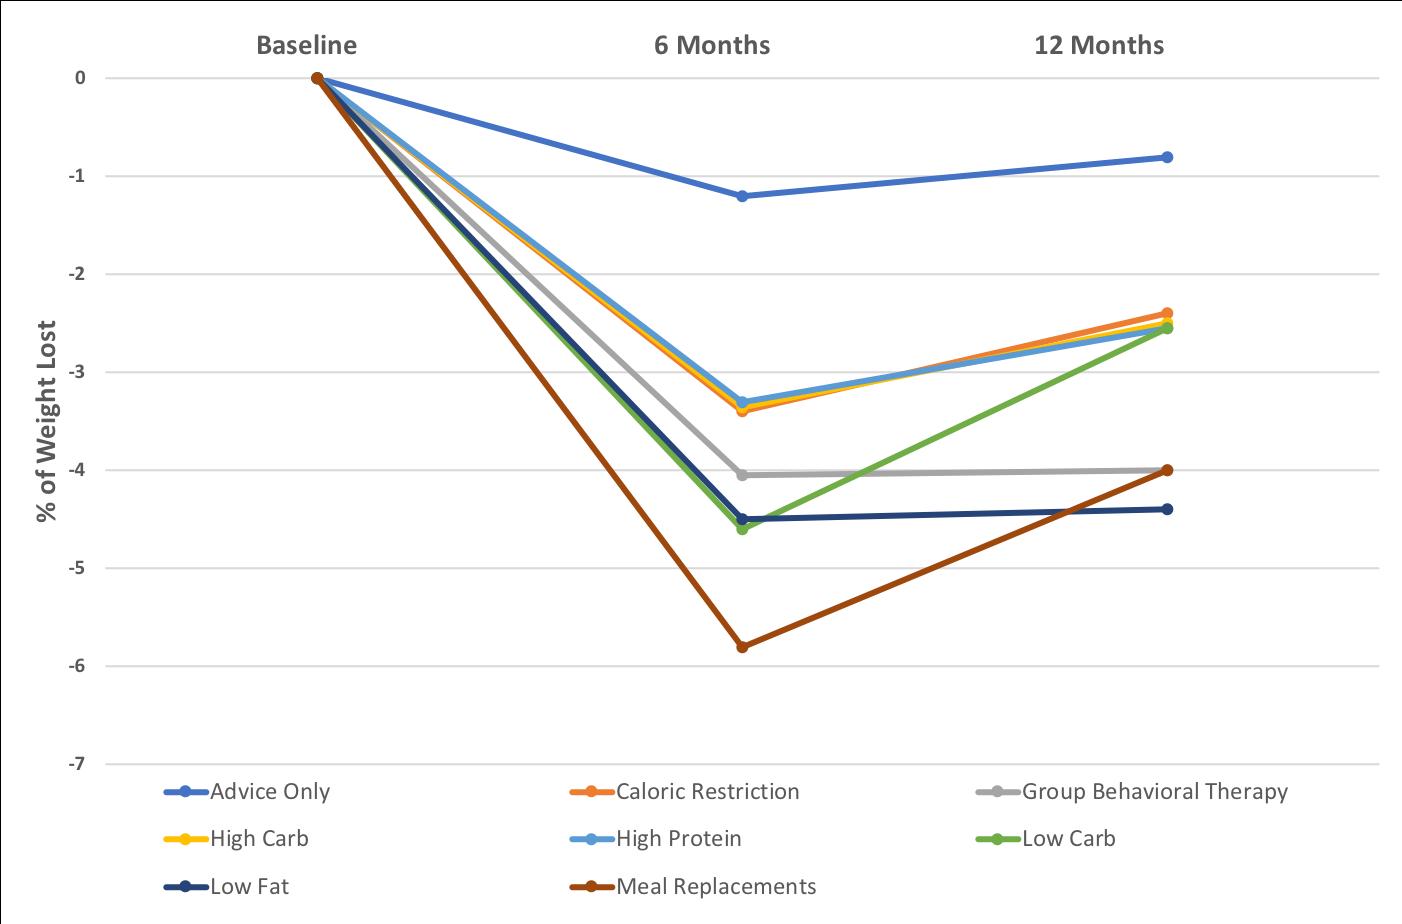 Diet_Comparison--Line_Graph--no_border_2.png